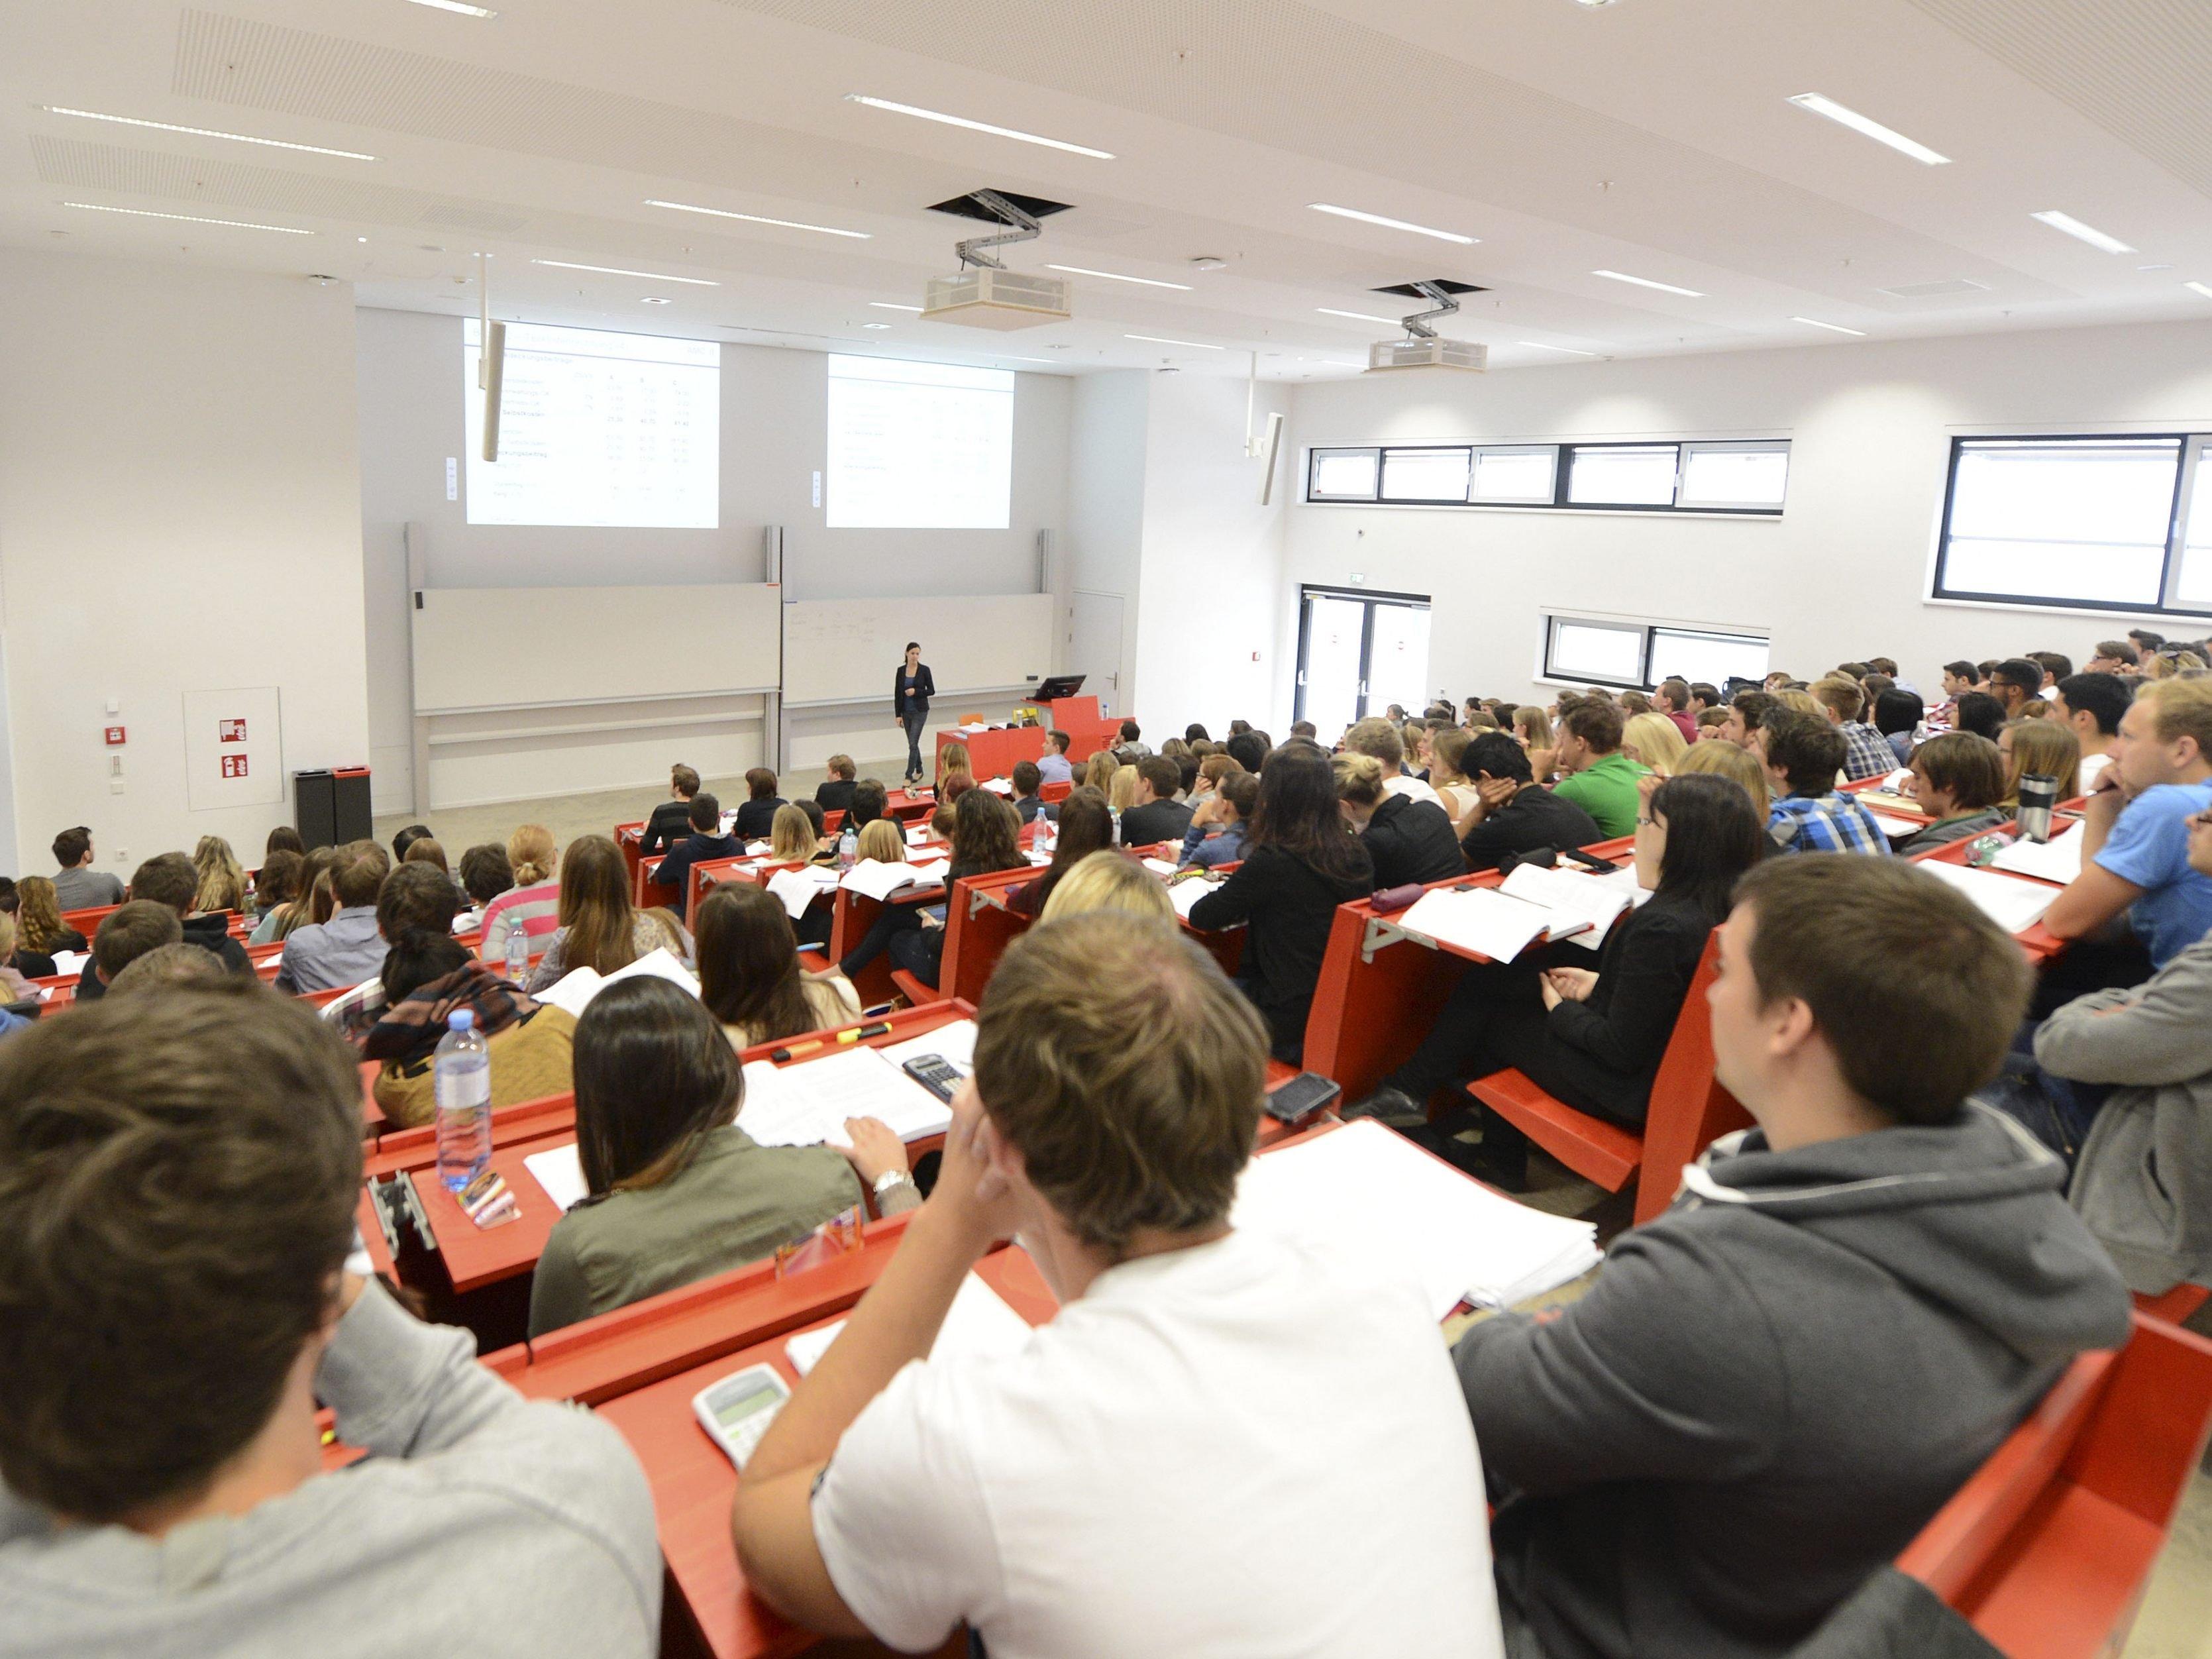 Partnersuche für studenten